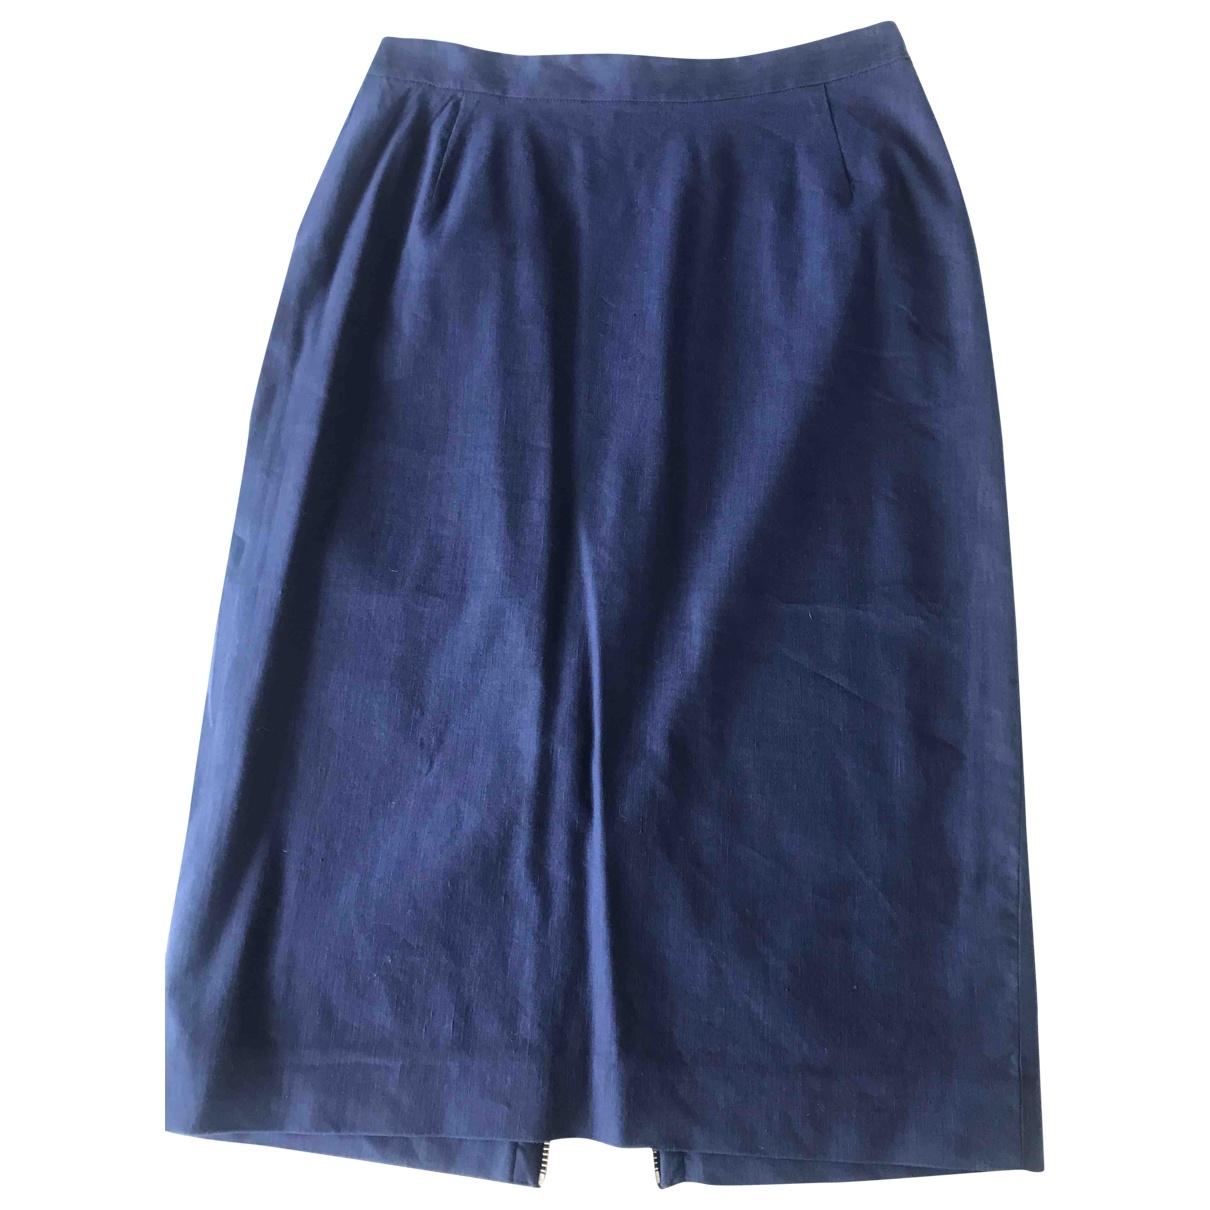 Jean Paul Gaultier - Jupe   pour femme en lin - bleu